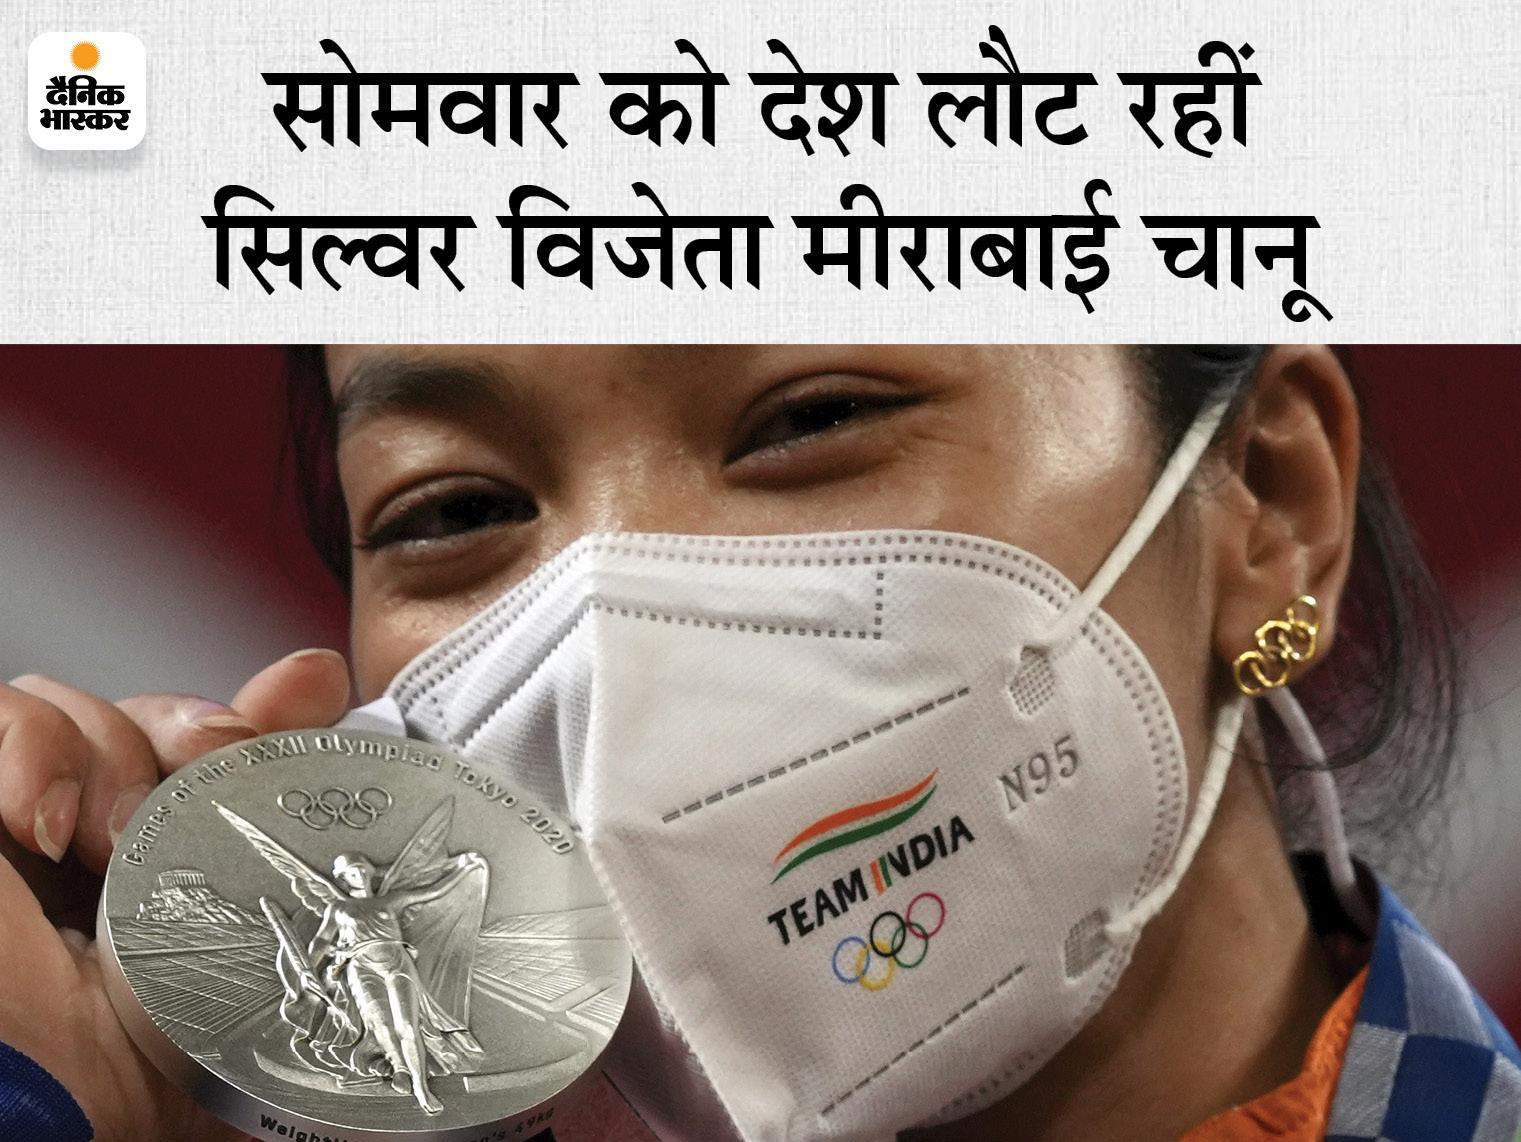 ओलिंपिक से लौट रहे भारतीय खिलाड़ियों को कोरोना टेस्ट कराए बिना देश में एंट्री मिले, टोक्यो में हर दिन होती है जांच|टोक्यो ओलिंपिक,Tokyo Olympics - Dainik Bhaskar